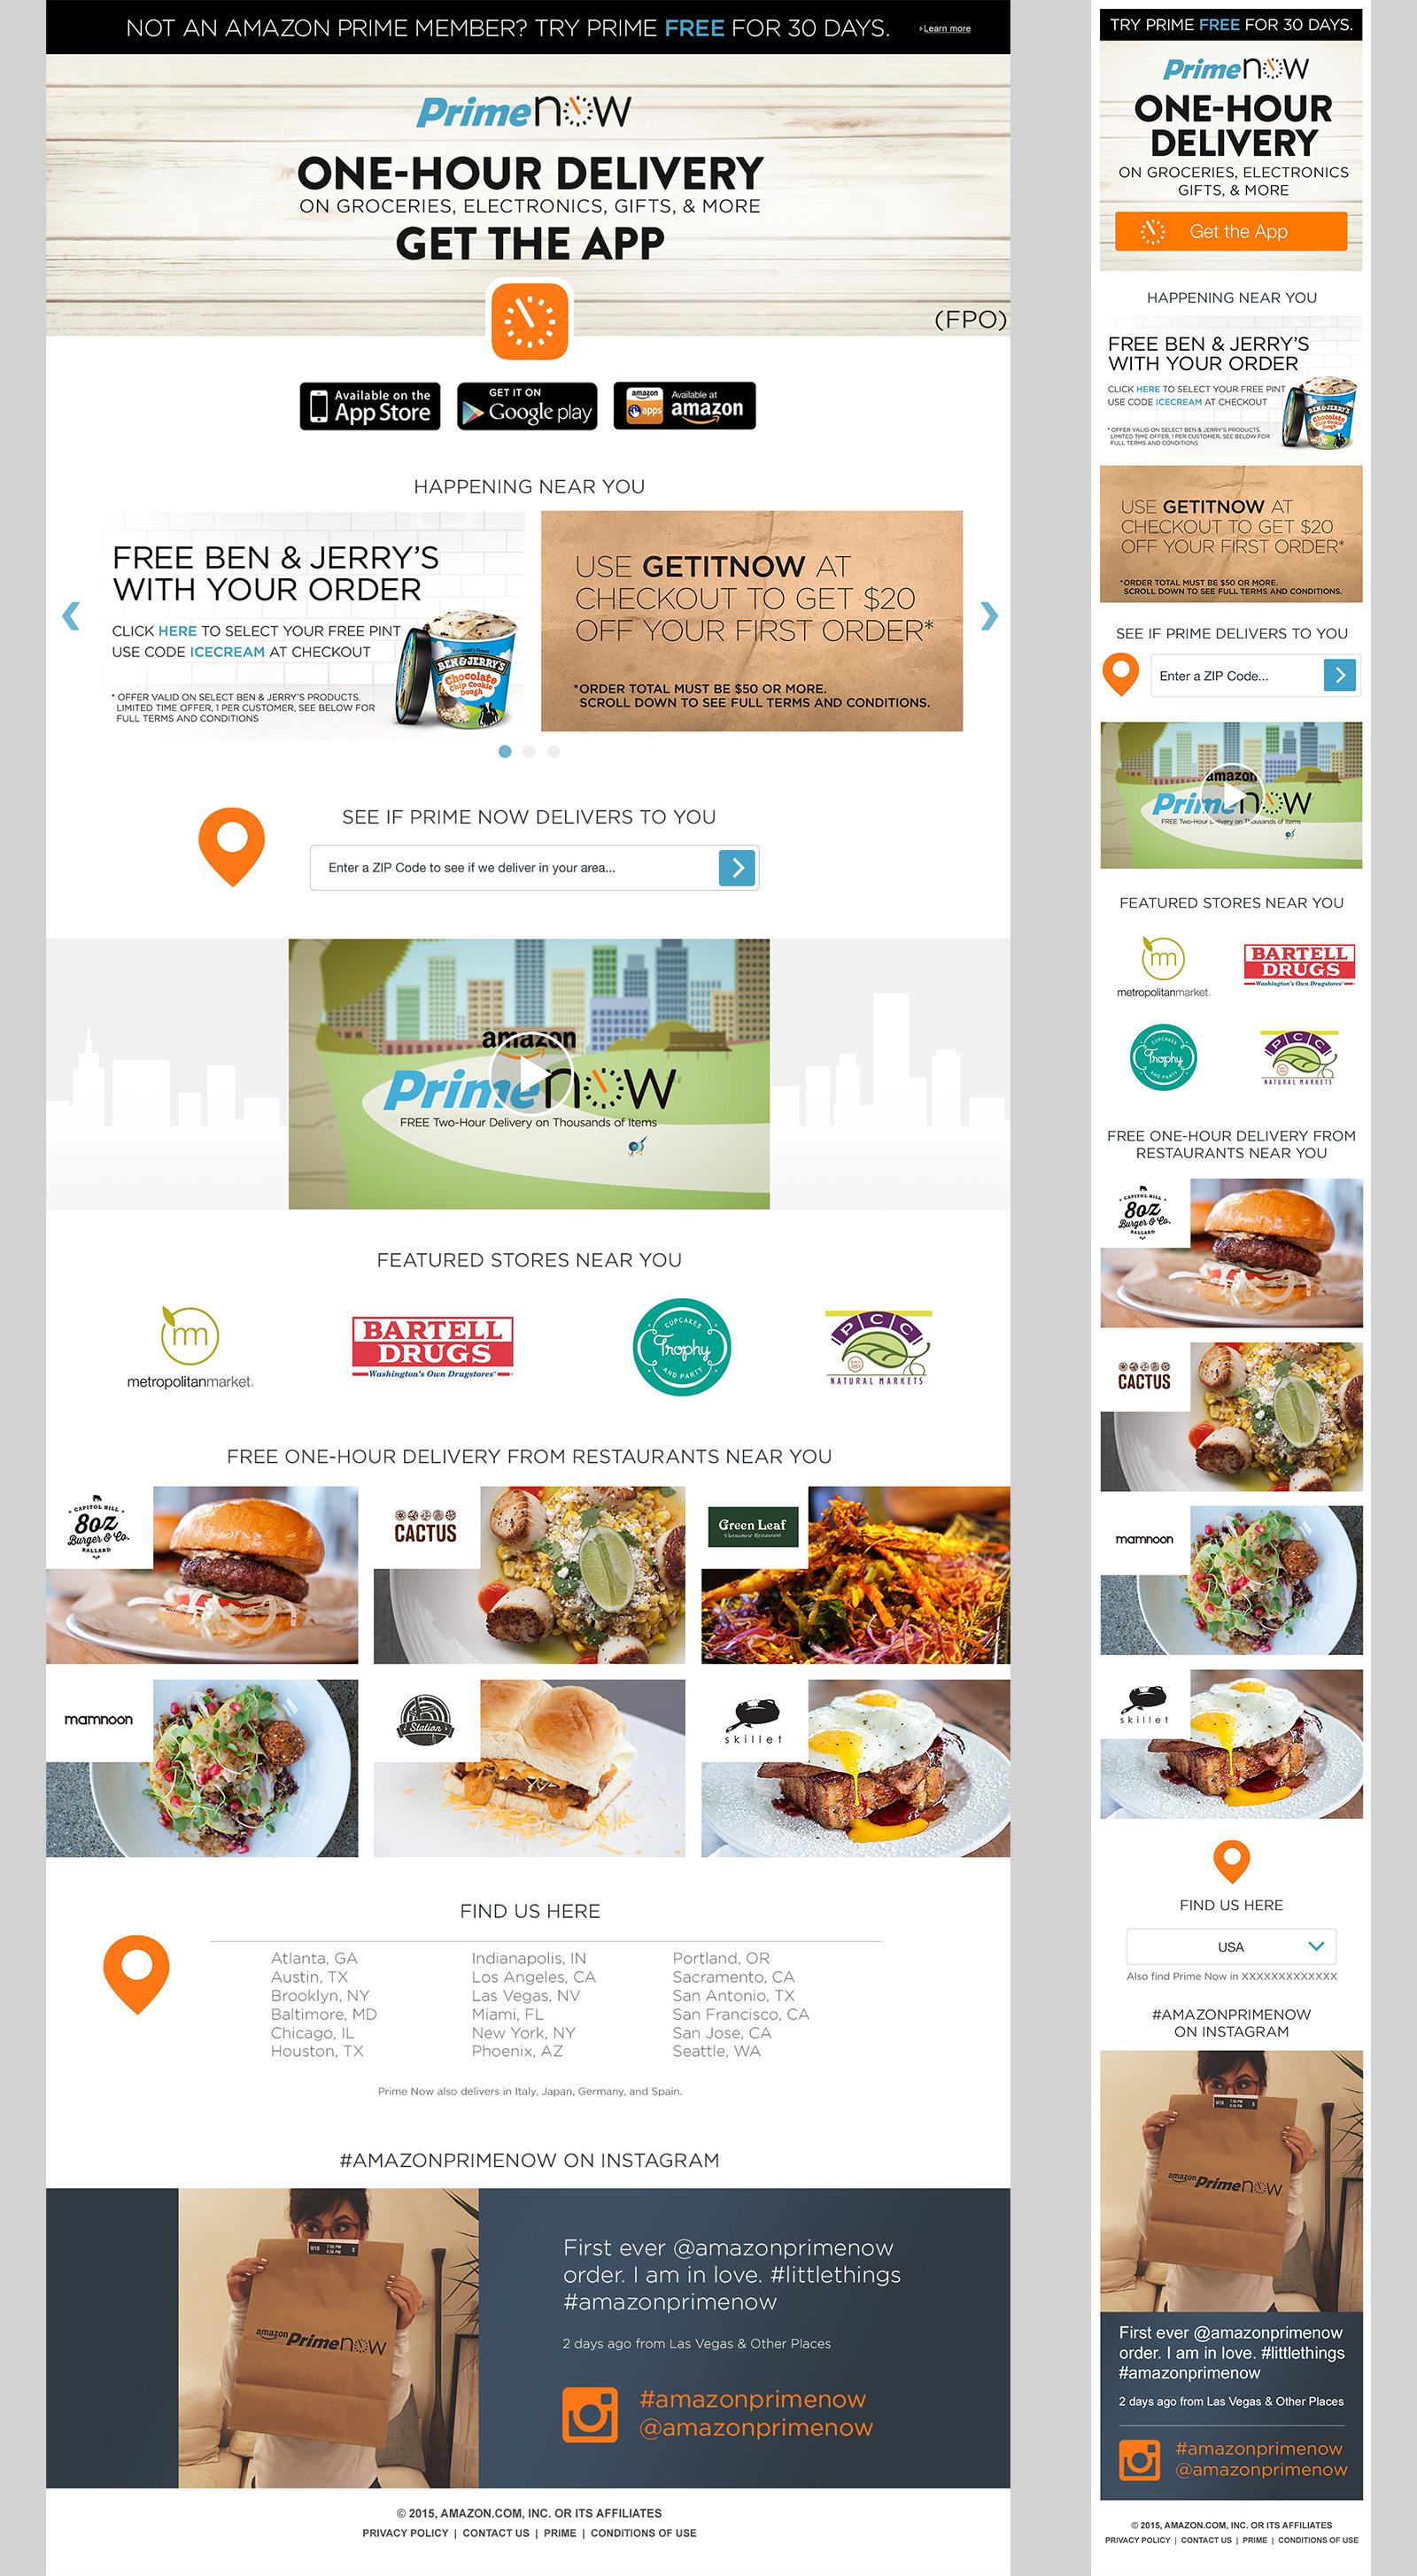 primenow_desktop_landingpage_2015